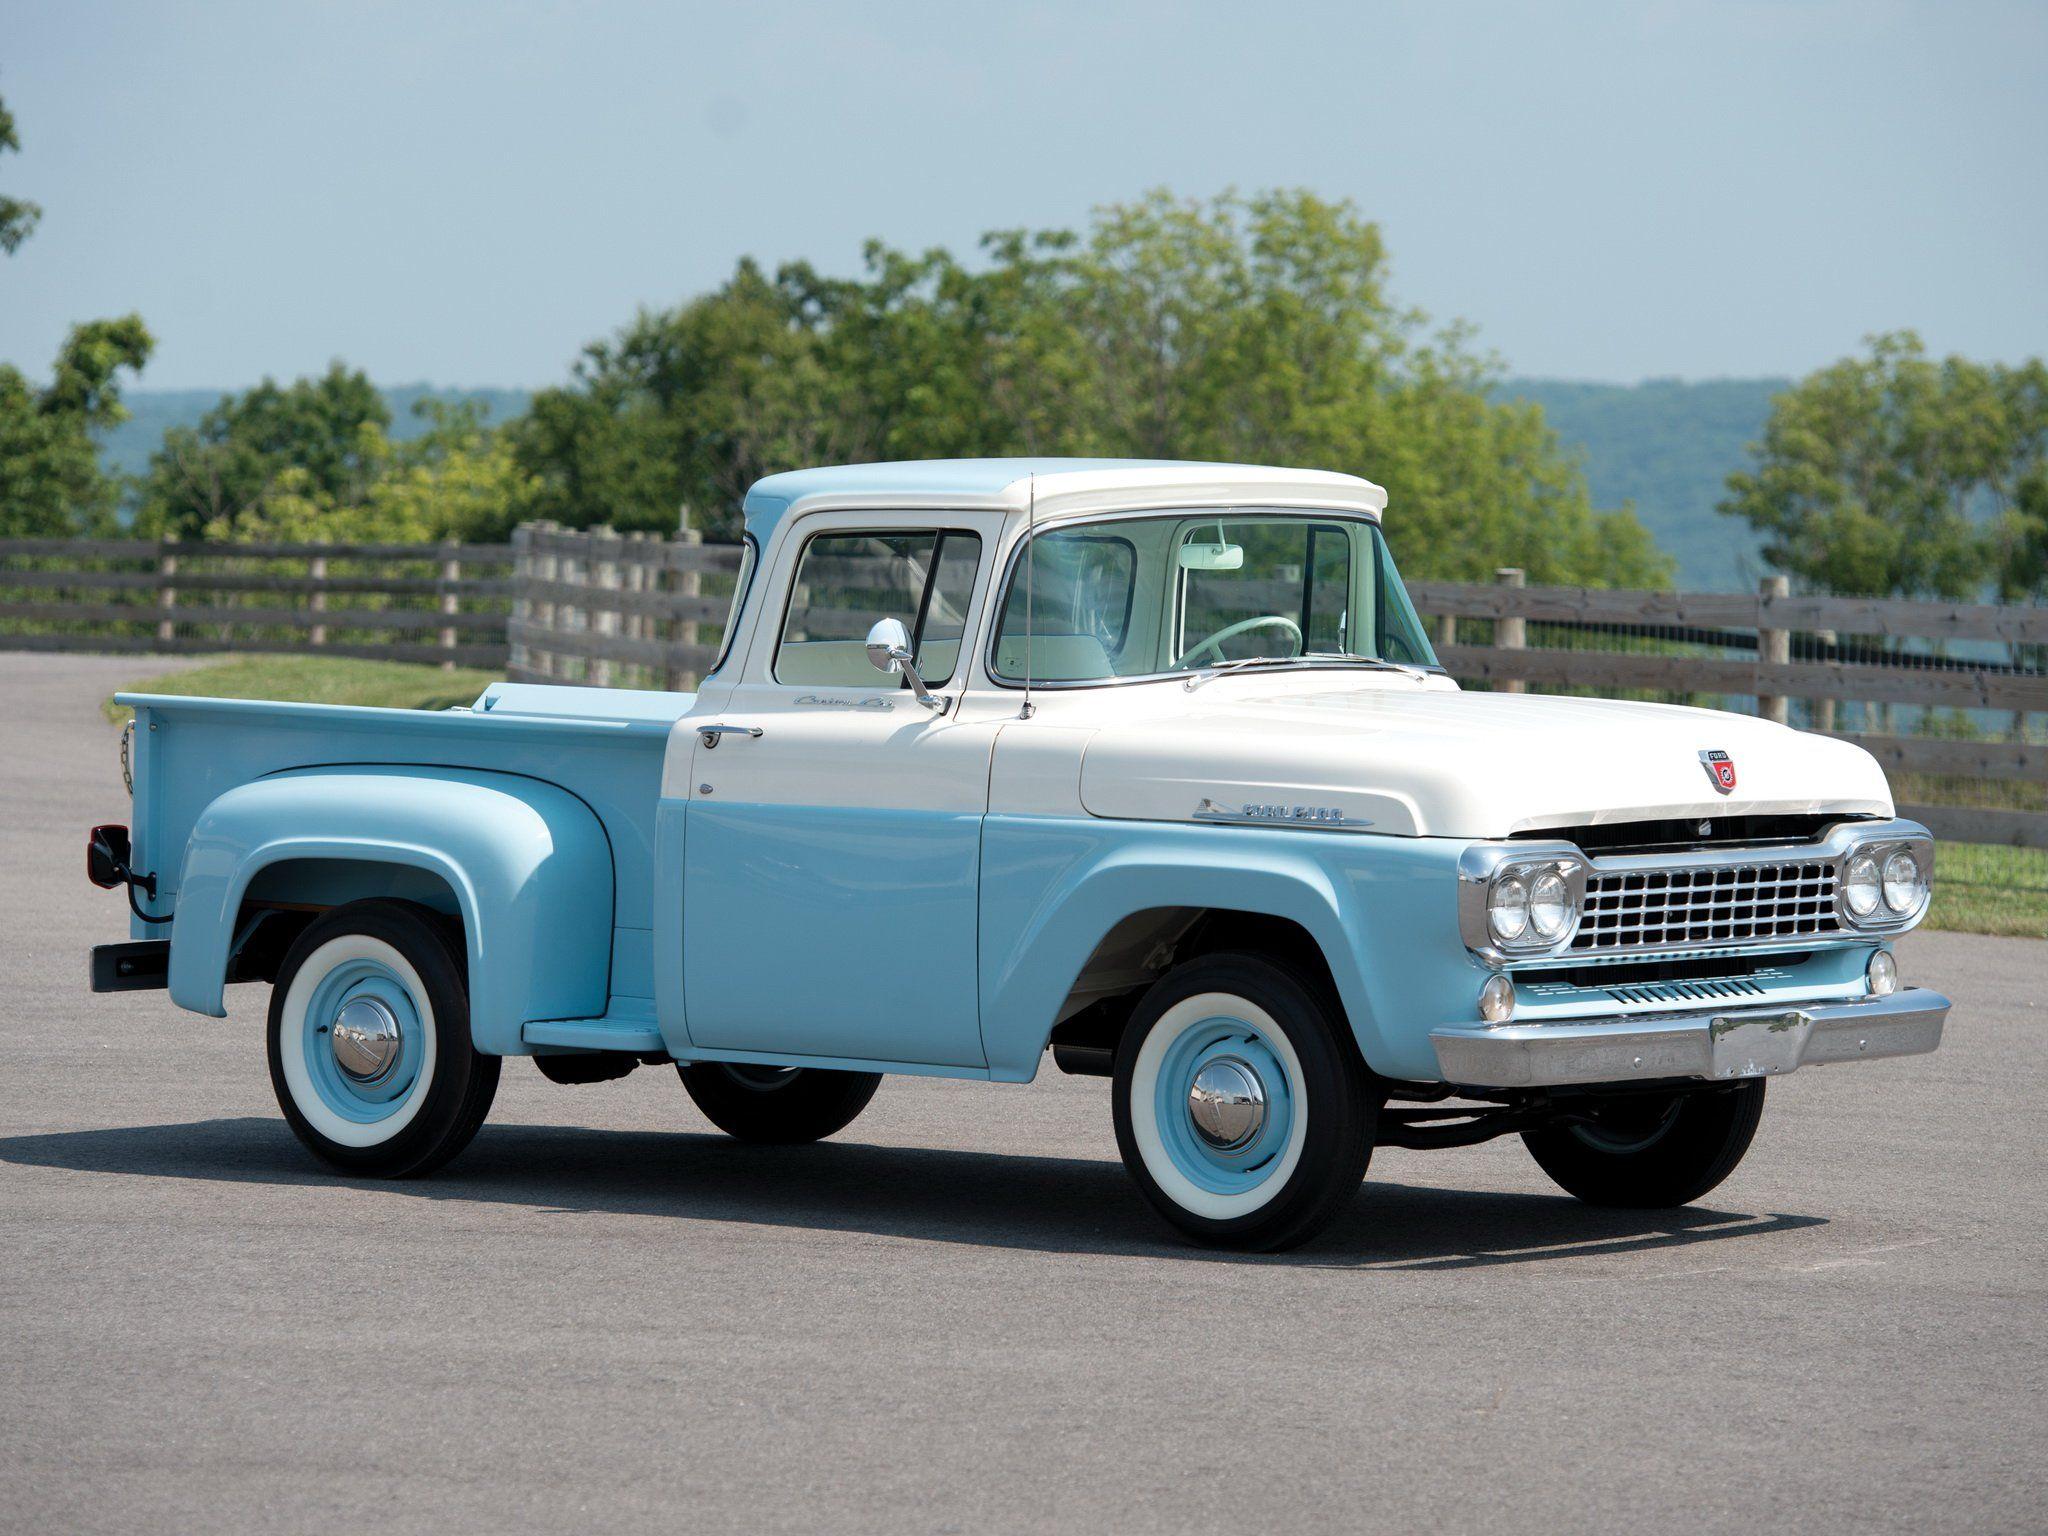 1958 Ford F 100 Custom Cab Flareside Pickup 8 3 F100 Retro Wallpaper 2048x1536 435179 Wallpaperup Trucks Ford Trucks Old Pickup Trucks